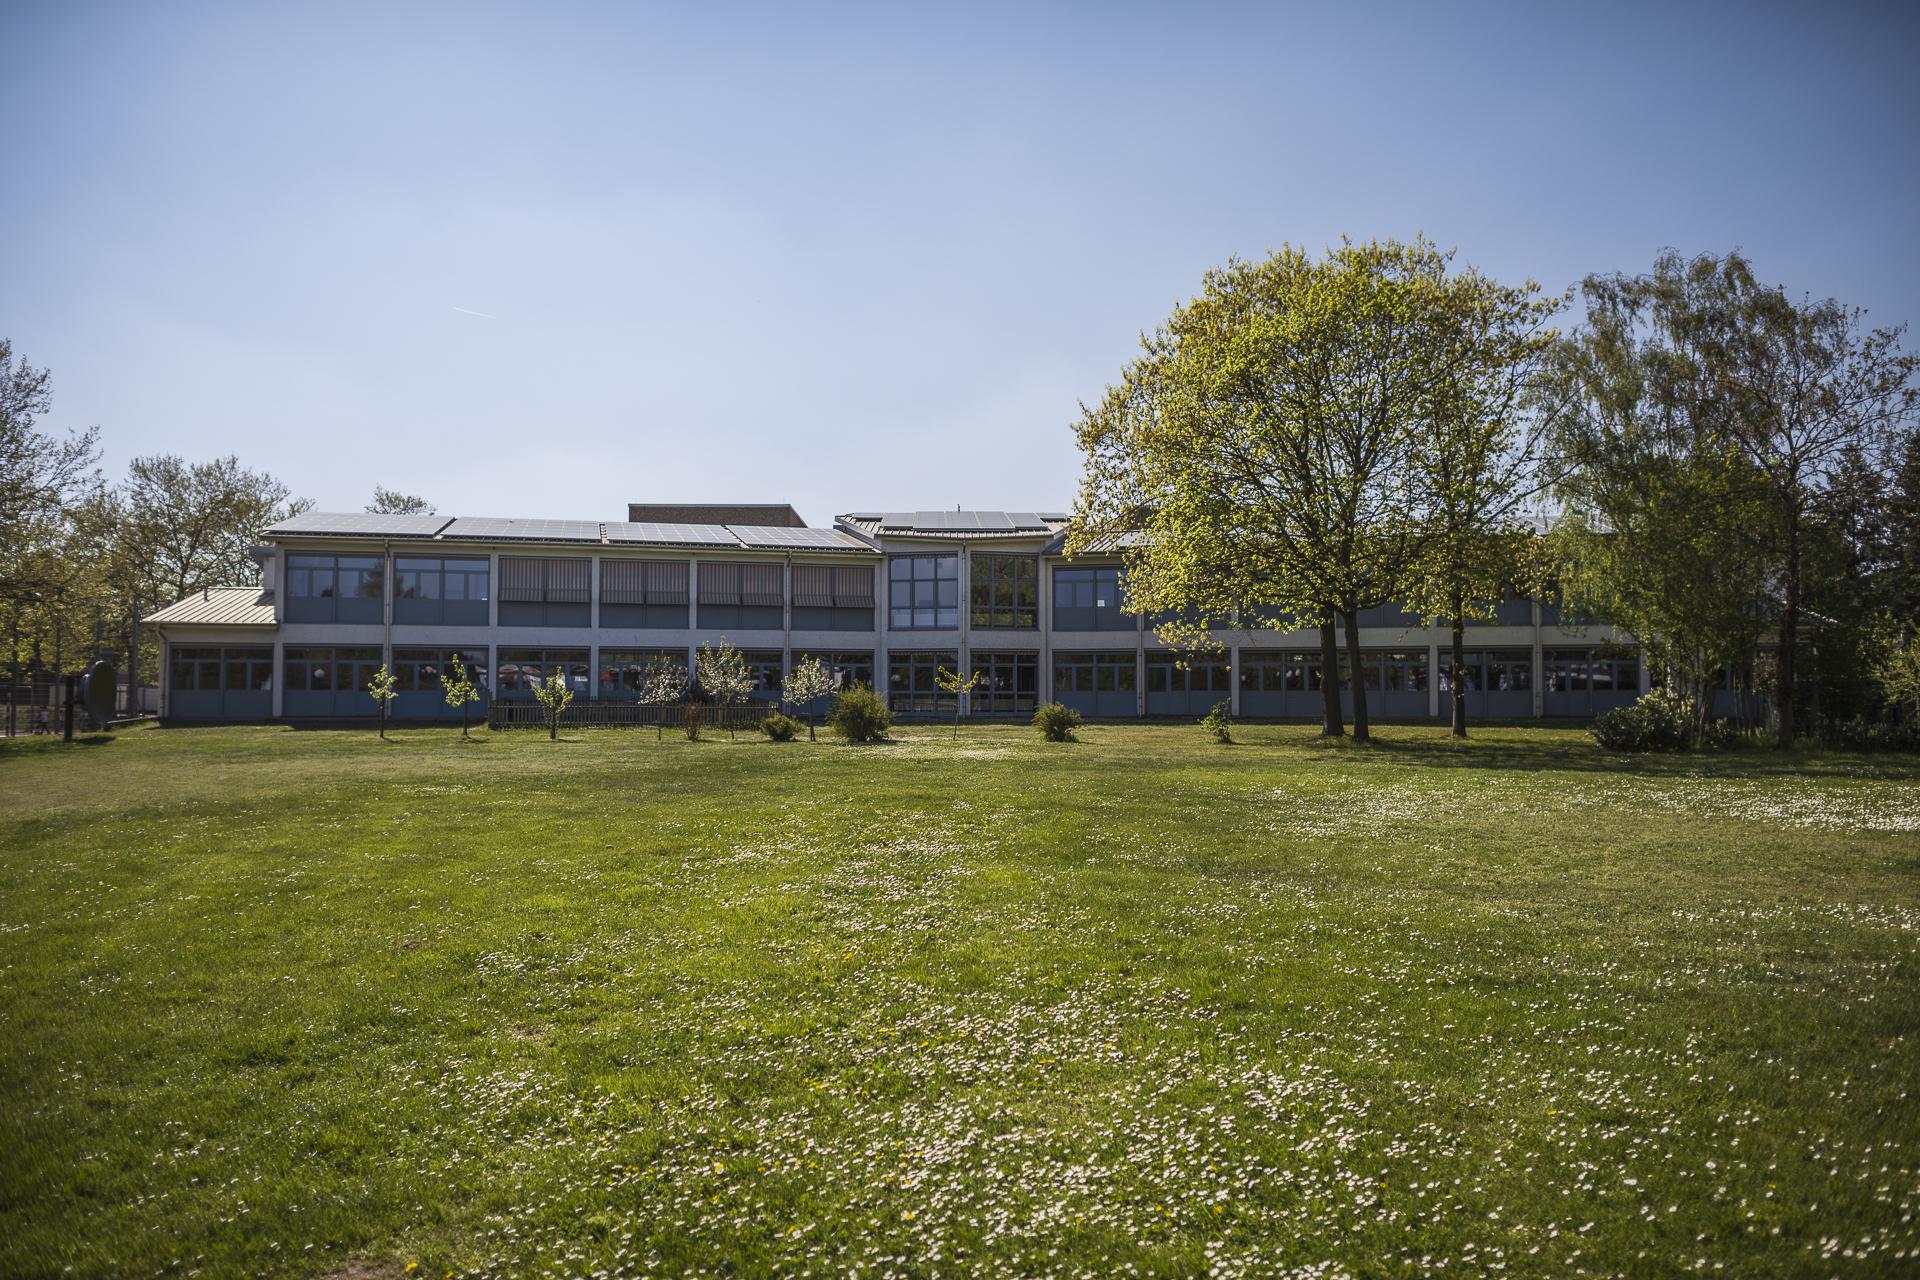 SoLe_TR12957_1920px_LusshardtSchule